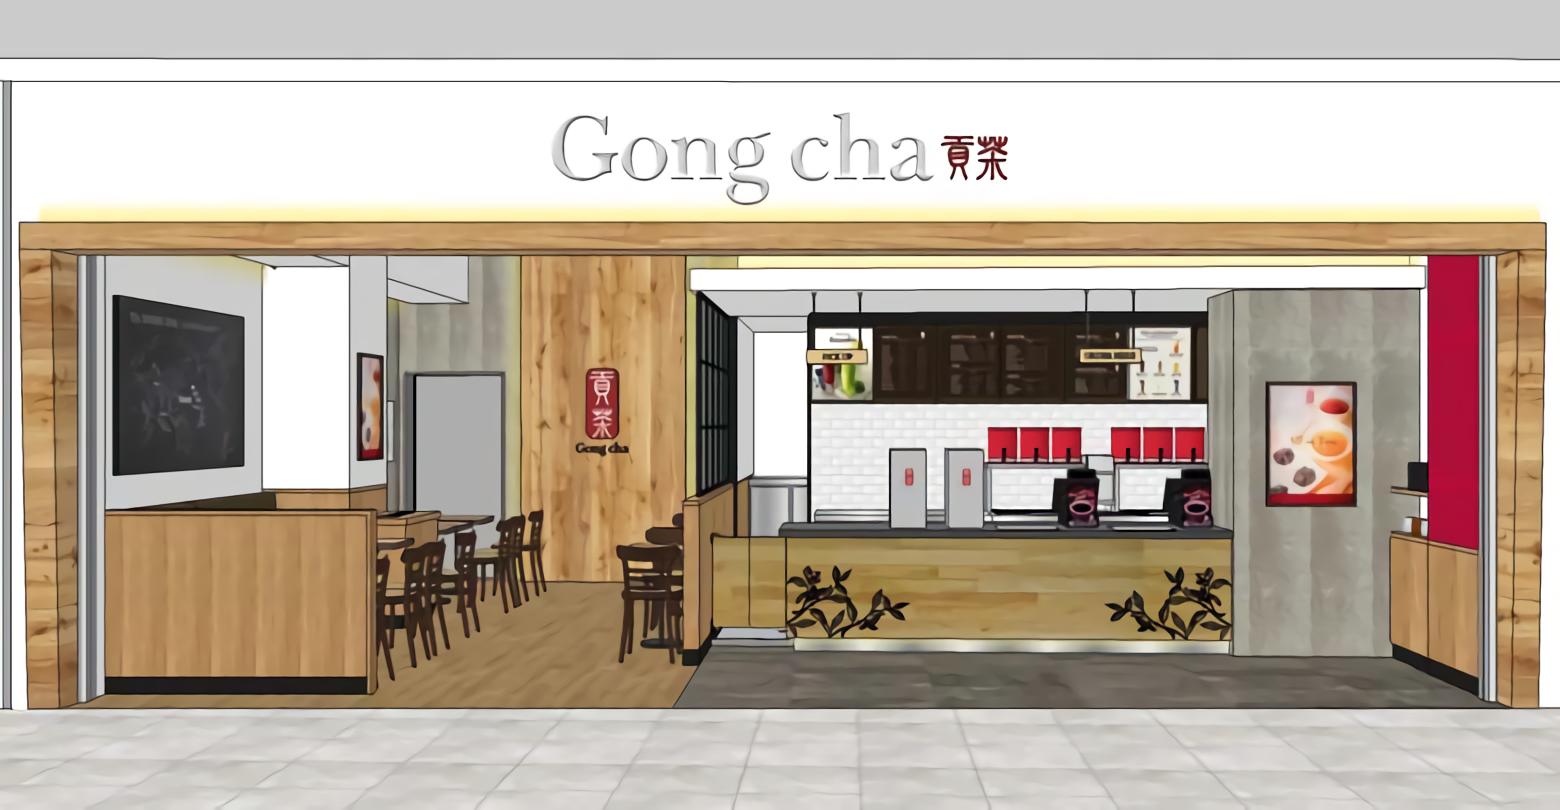 東京で大人気!台湾ティーカフェ「ゴンチャ」が、ららぽーと名古屋みなとアクルスに - 57C21B94 2E83 47CE 847A F7D52B4E797A